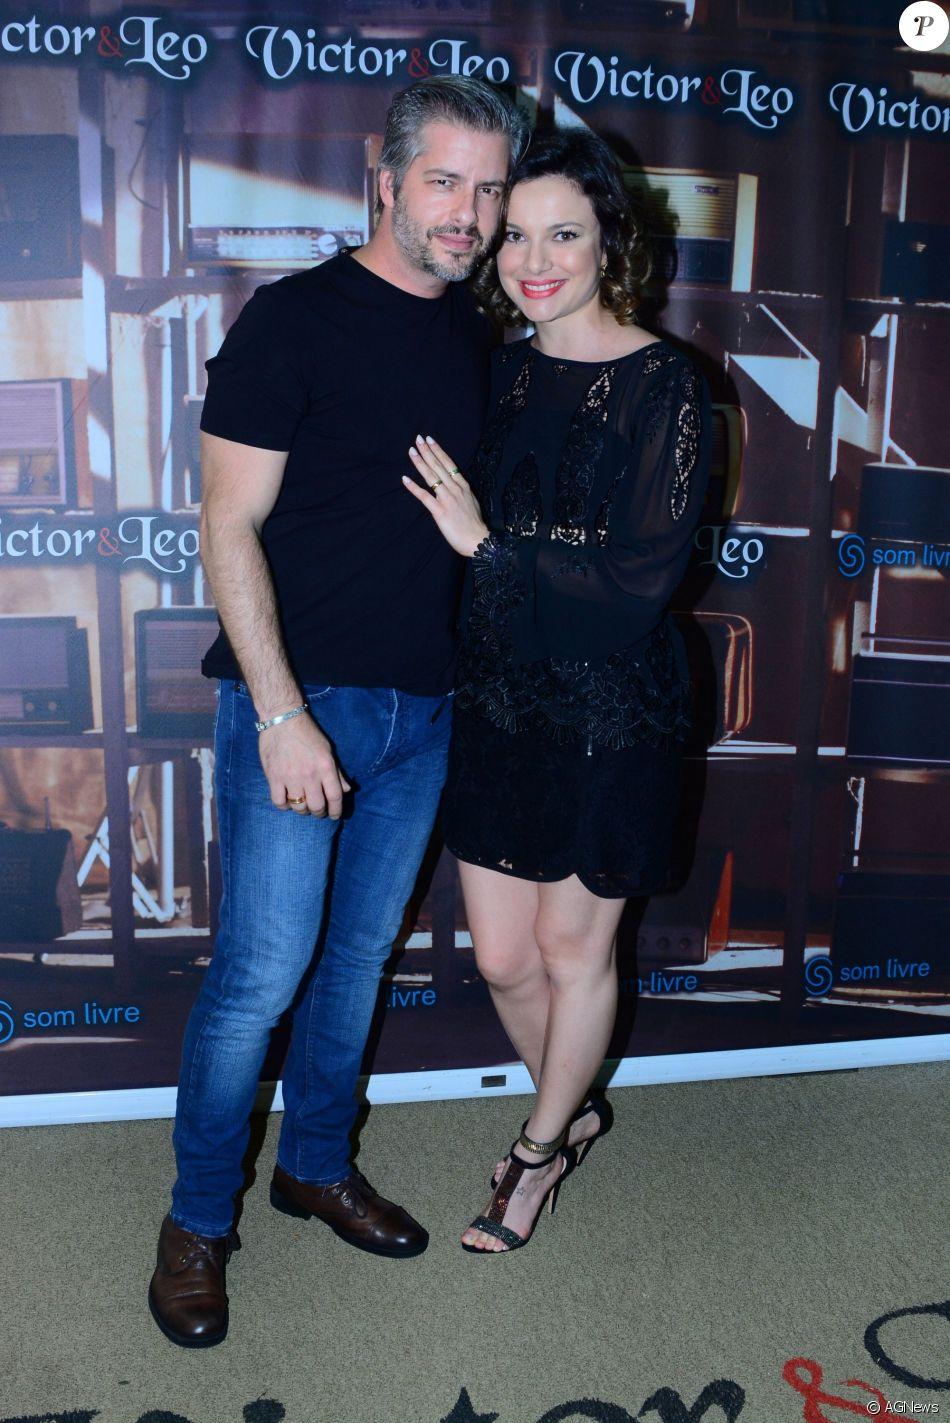 O cantor Victor Chaves, da dupla com Léo, está sendo acusado de agressão física pela sua mulher, Poliana Bagatini